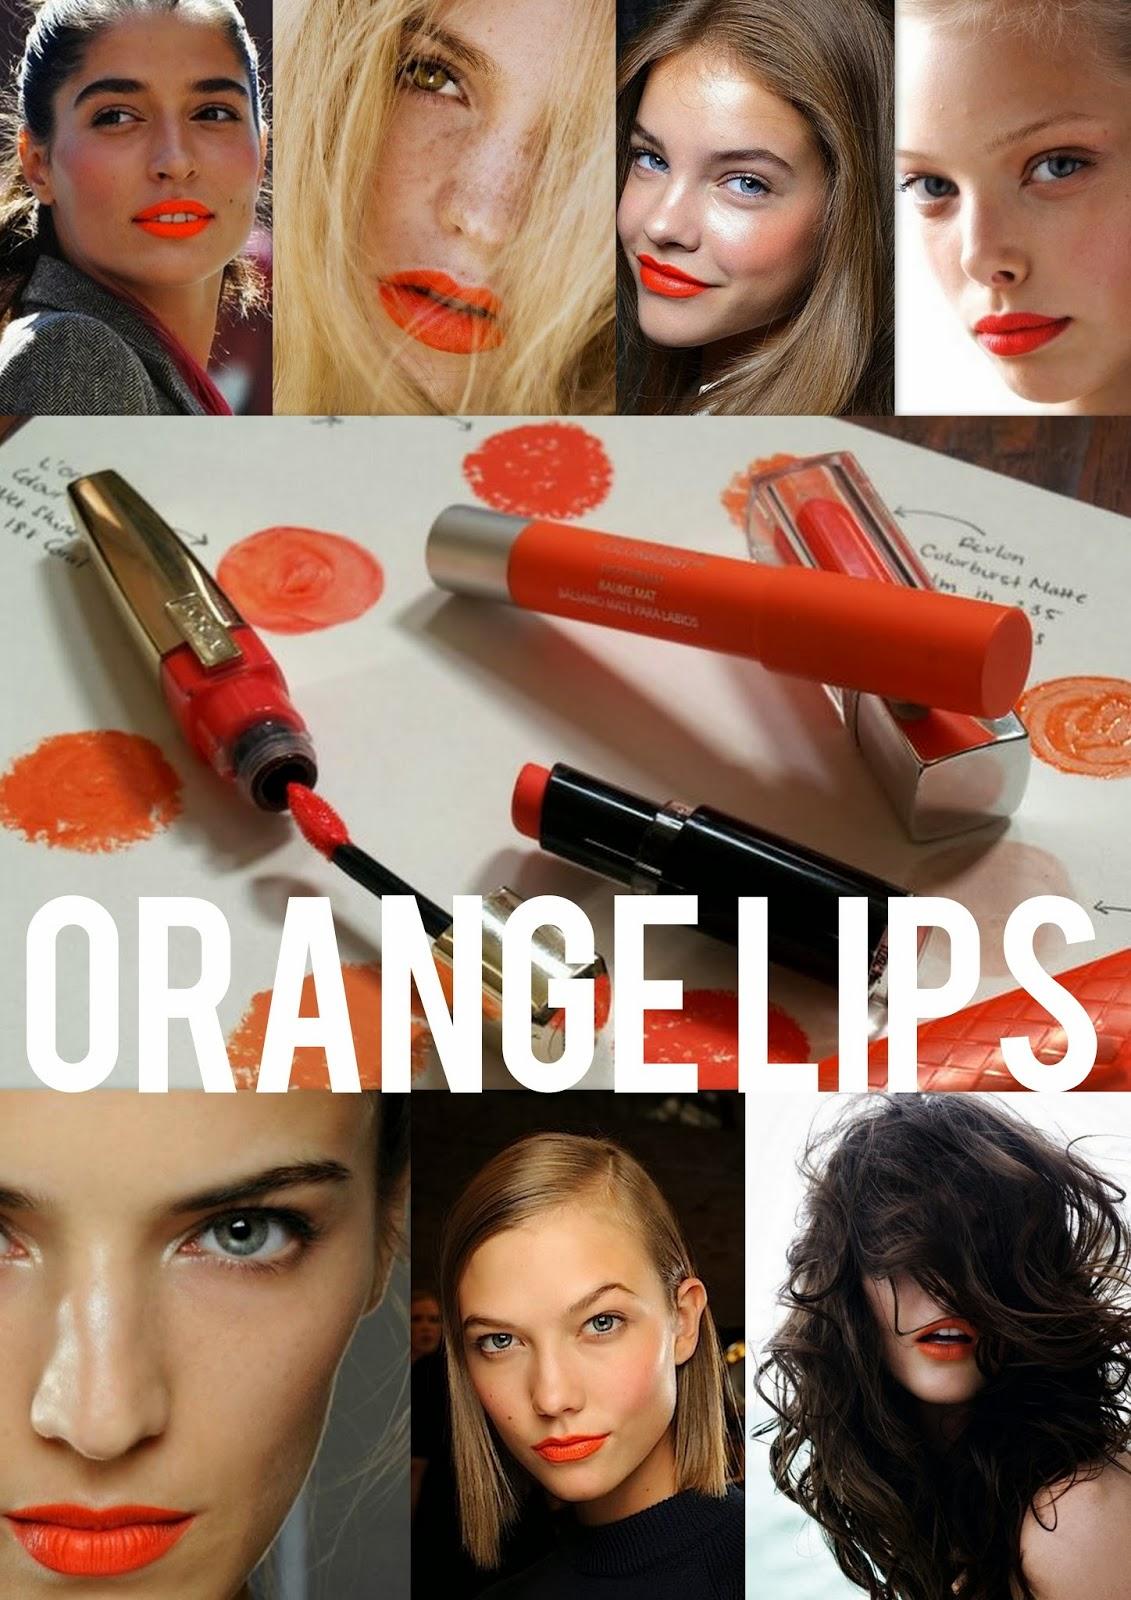 Oransje lepper